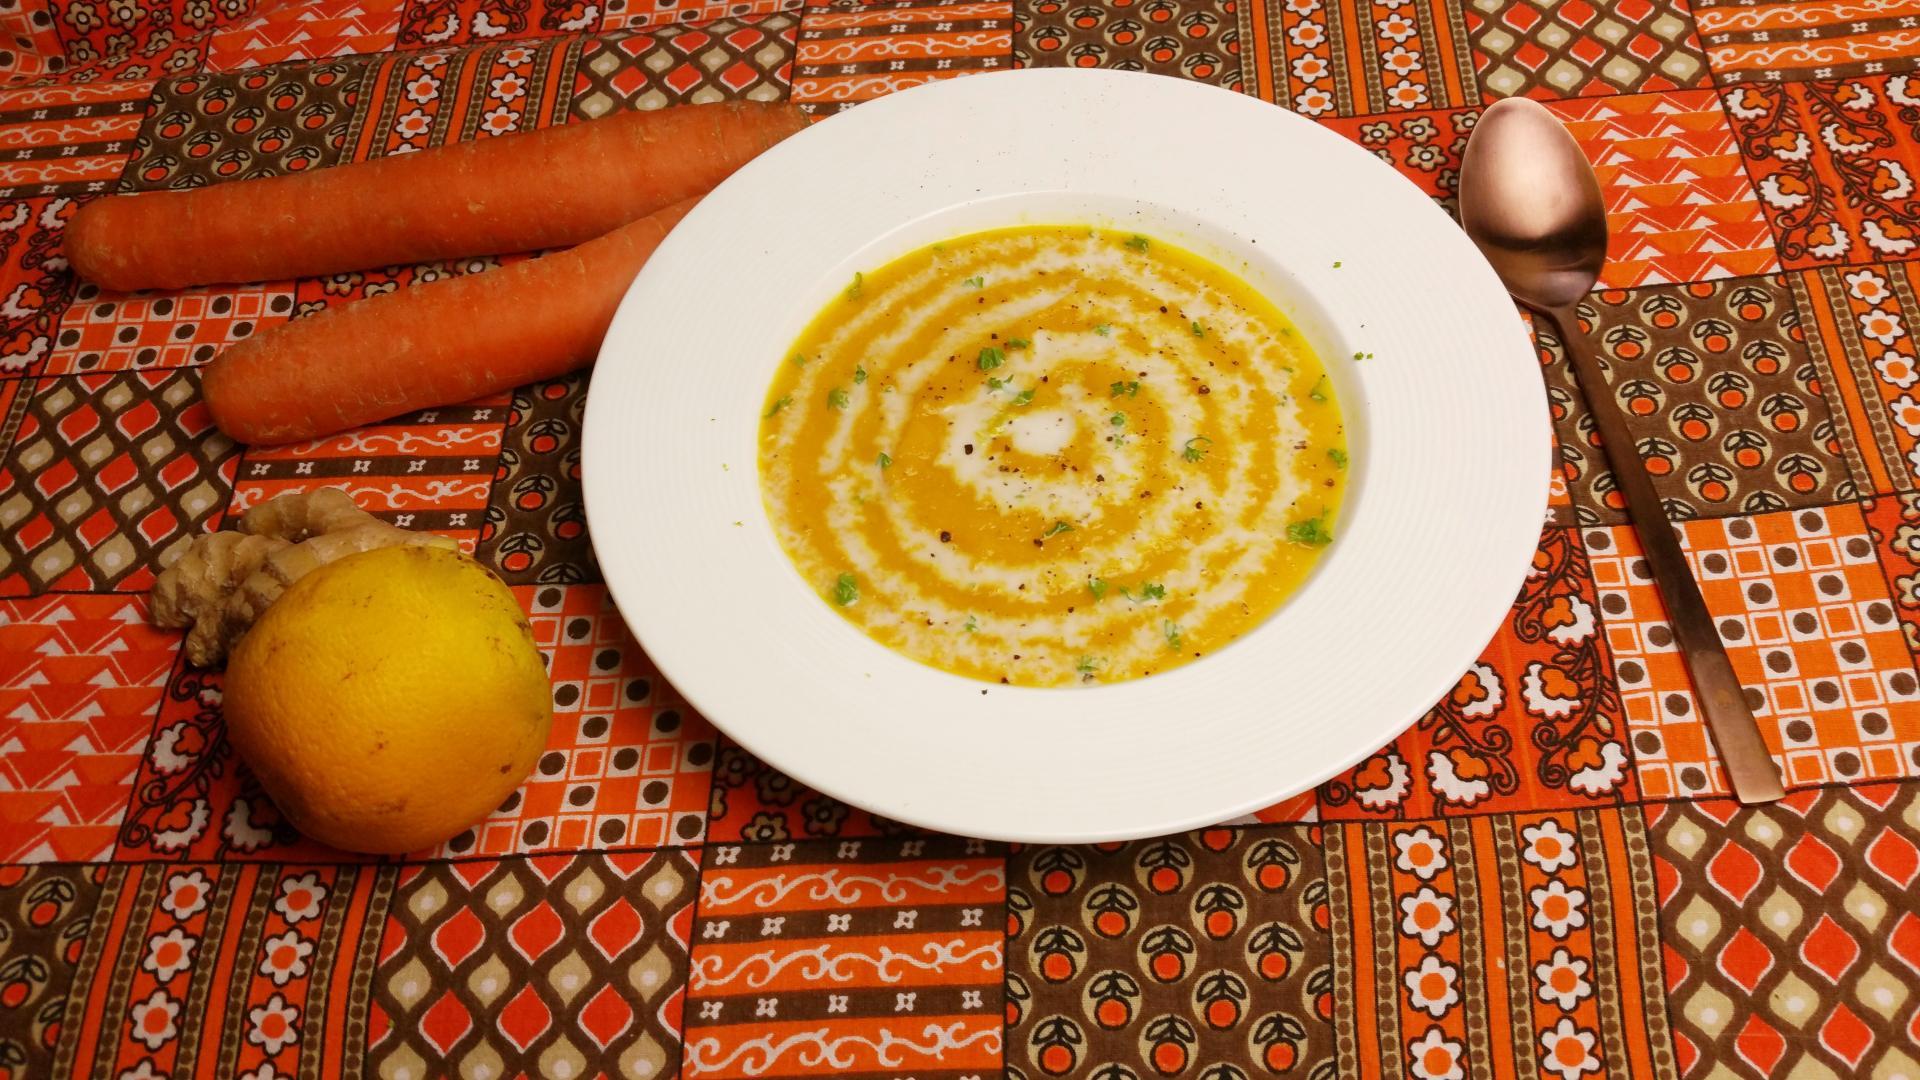 Uitgelichte foto voor het bericht Wortelsoep met sinaasappel en gember